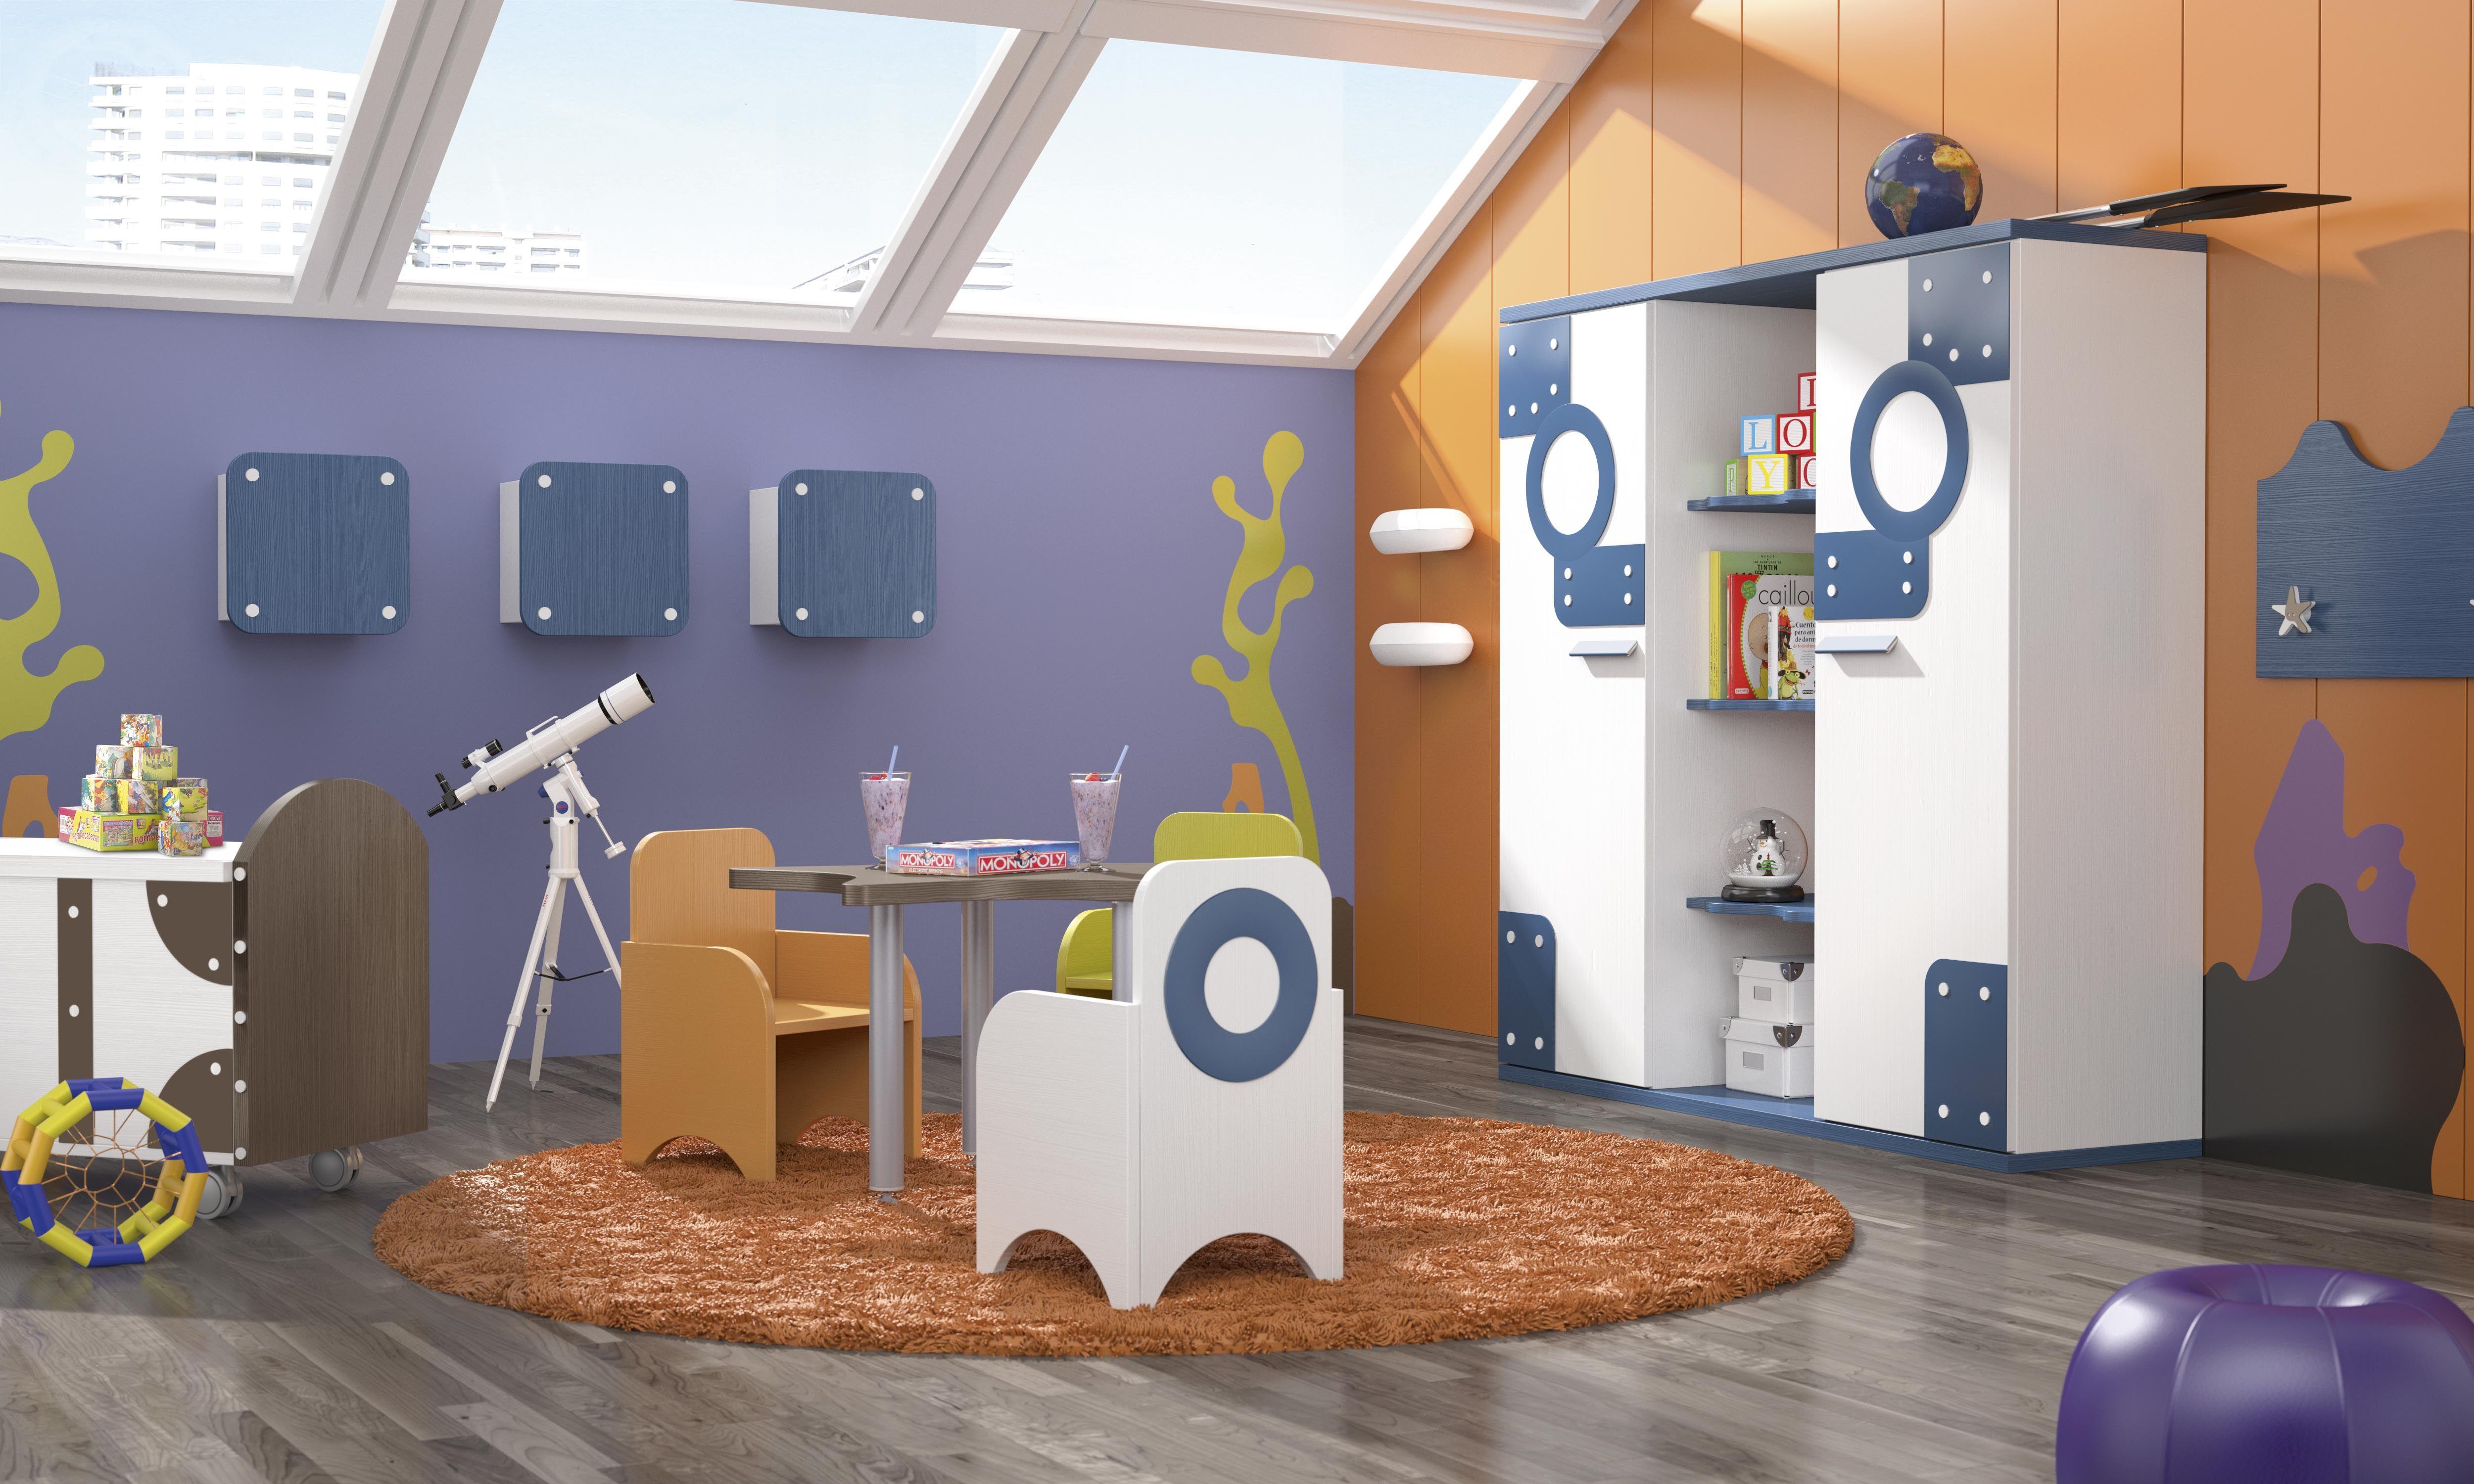 Habitaciones infantiles tem ticas dibujos animados bob7 fondo del mar seabed pinterest room - Habitaciones infantiles tematicas ...